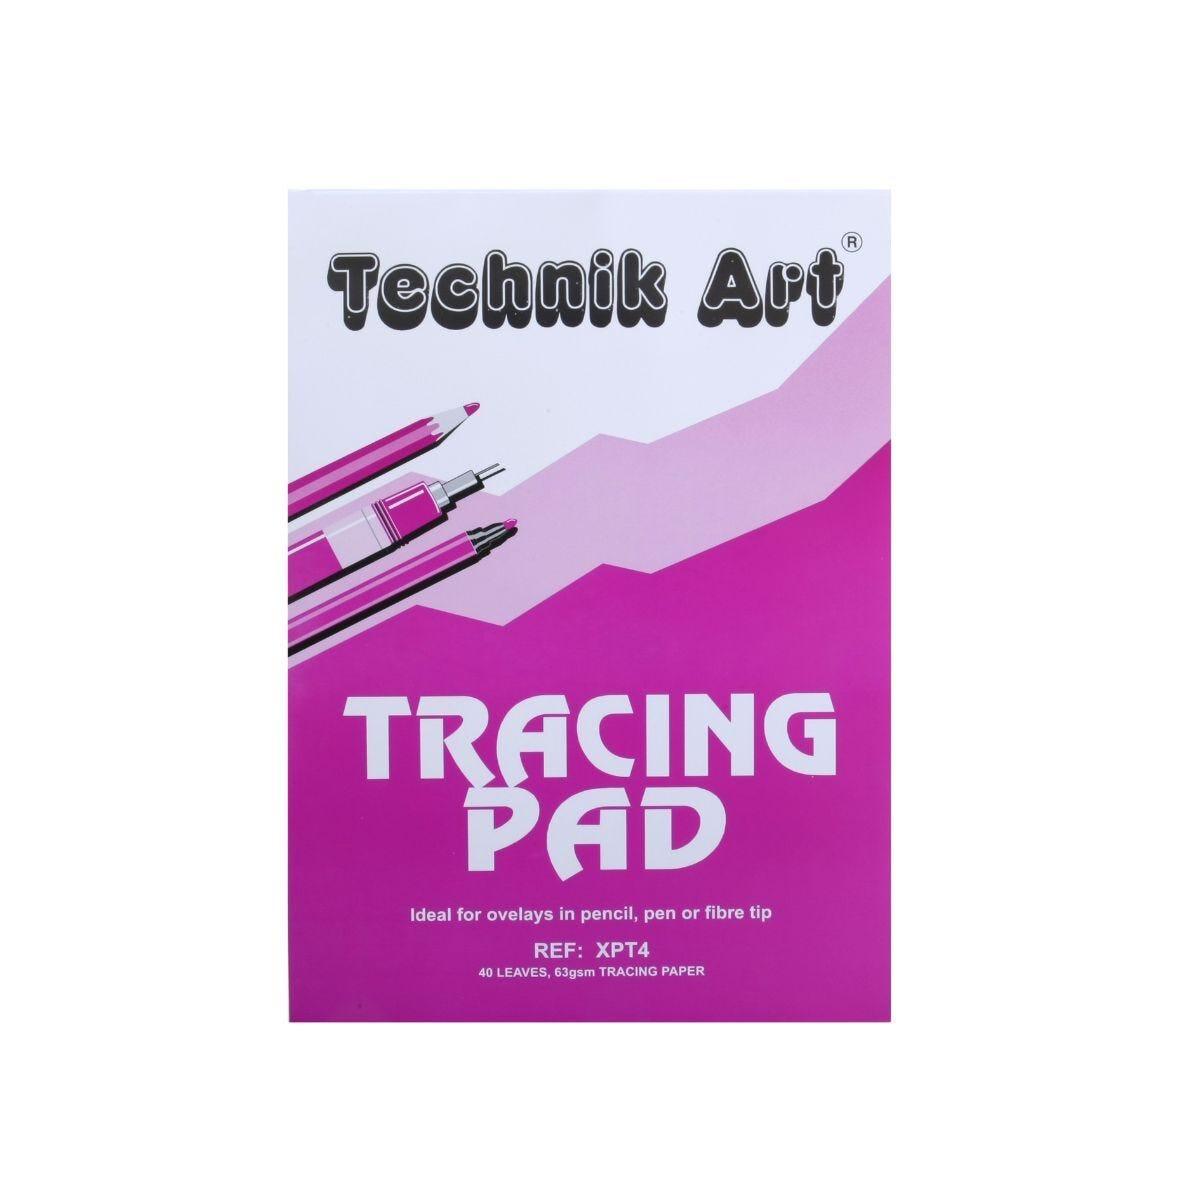 Technik Art Tracing Pad A4 63gsm 40 Sheets